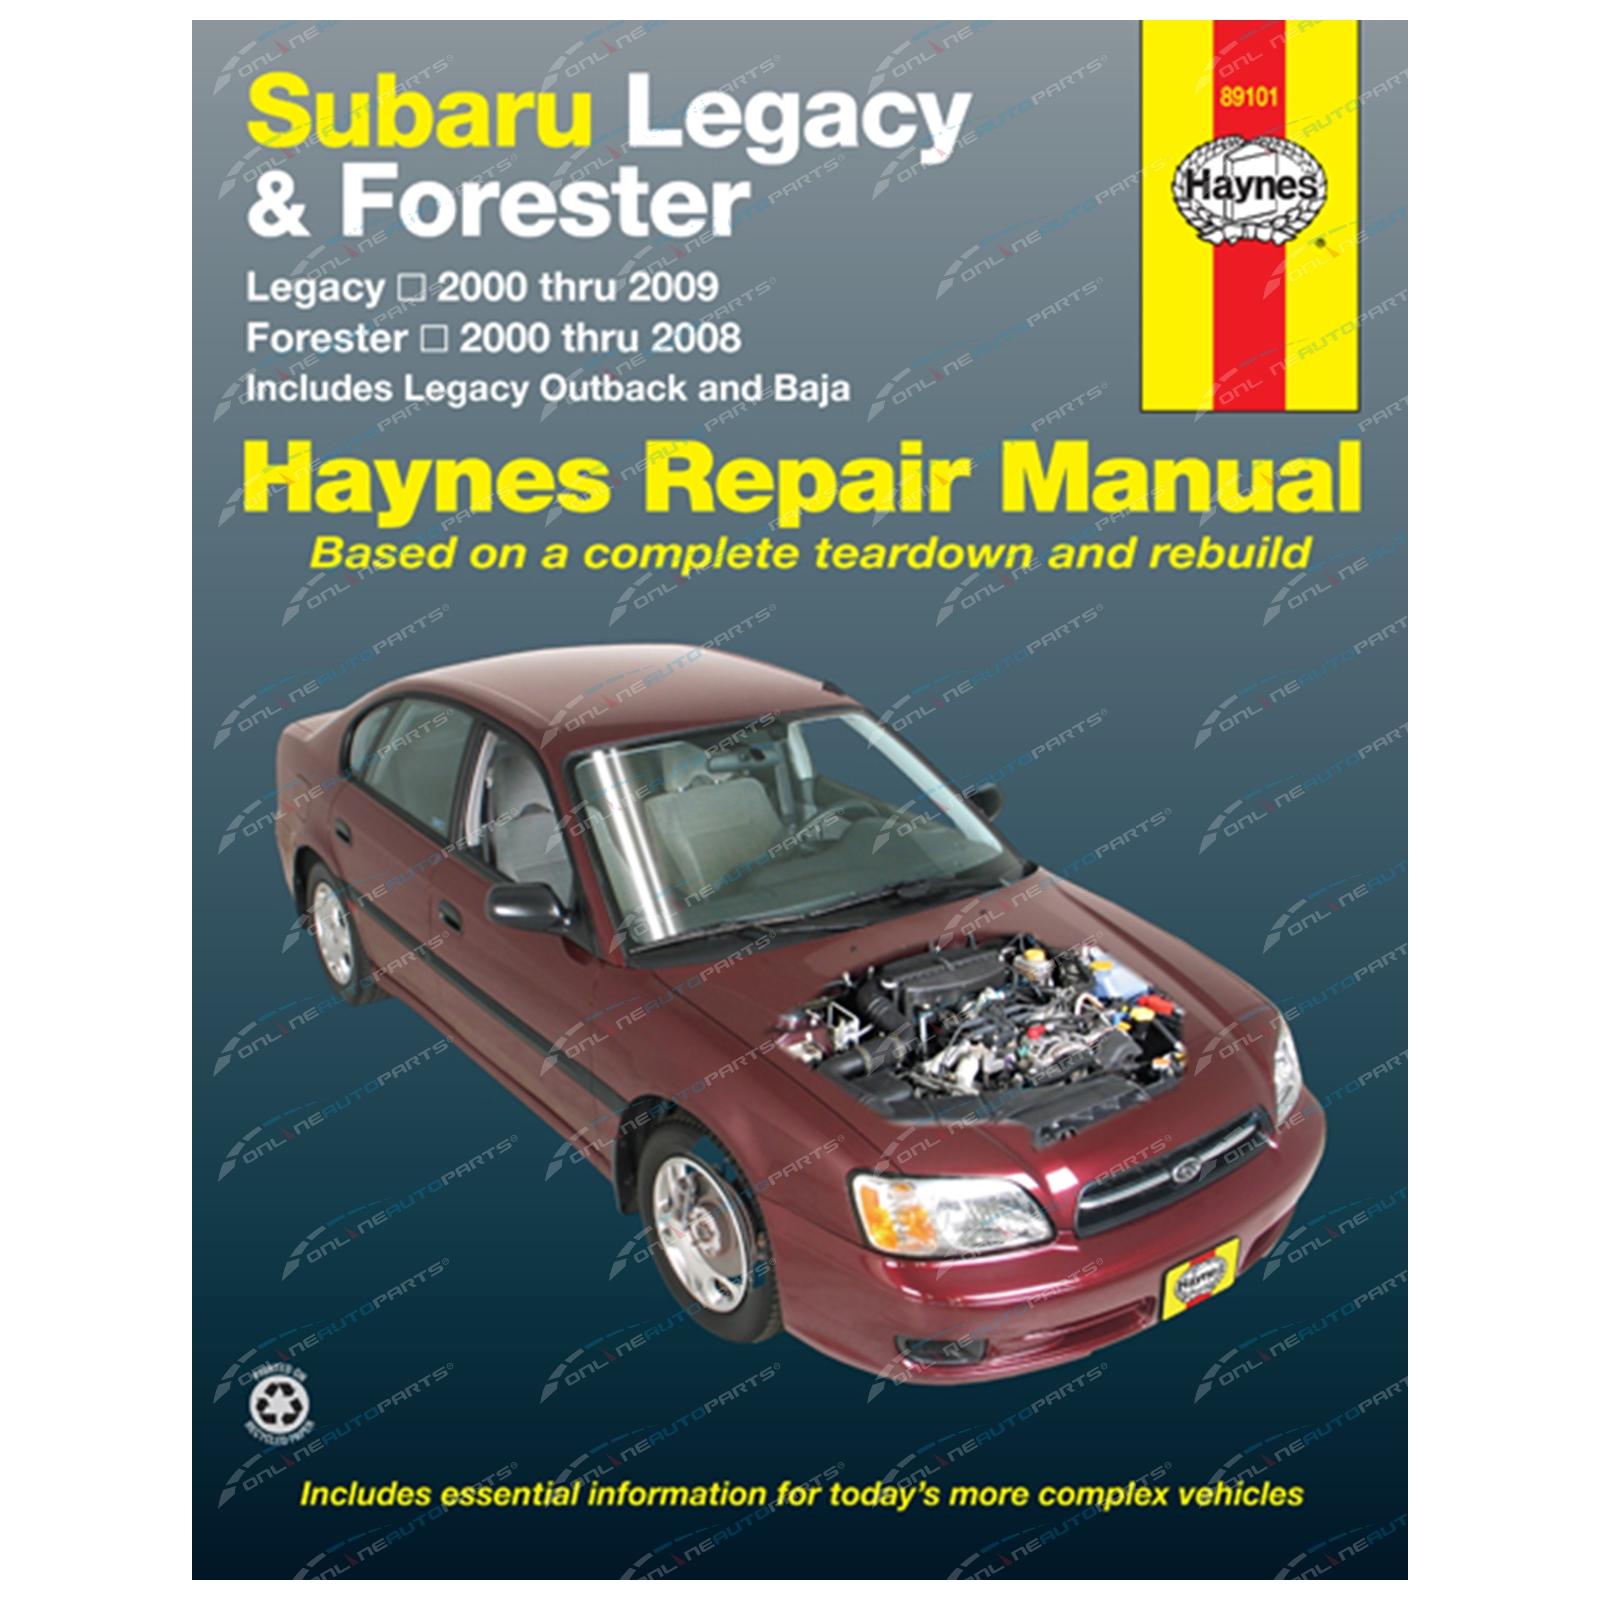 haynes car repair manual book liberty be bh bl bp 2000 2009 subaru rh onlineautoparts com au Saab Automotive Repair Manual Haynes Haynes Automotive Repair Manual